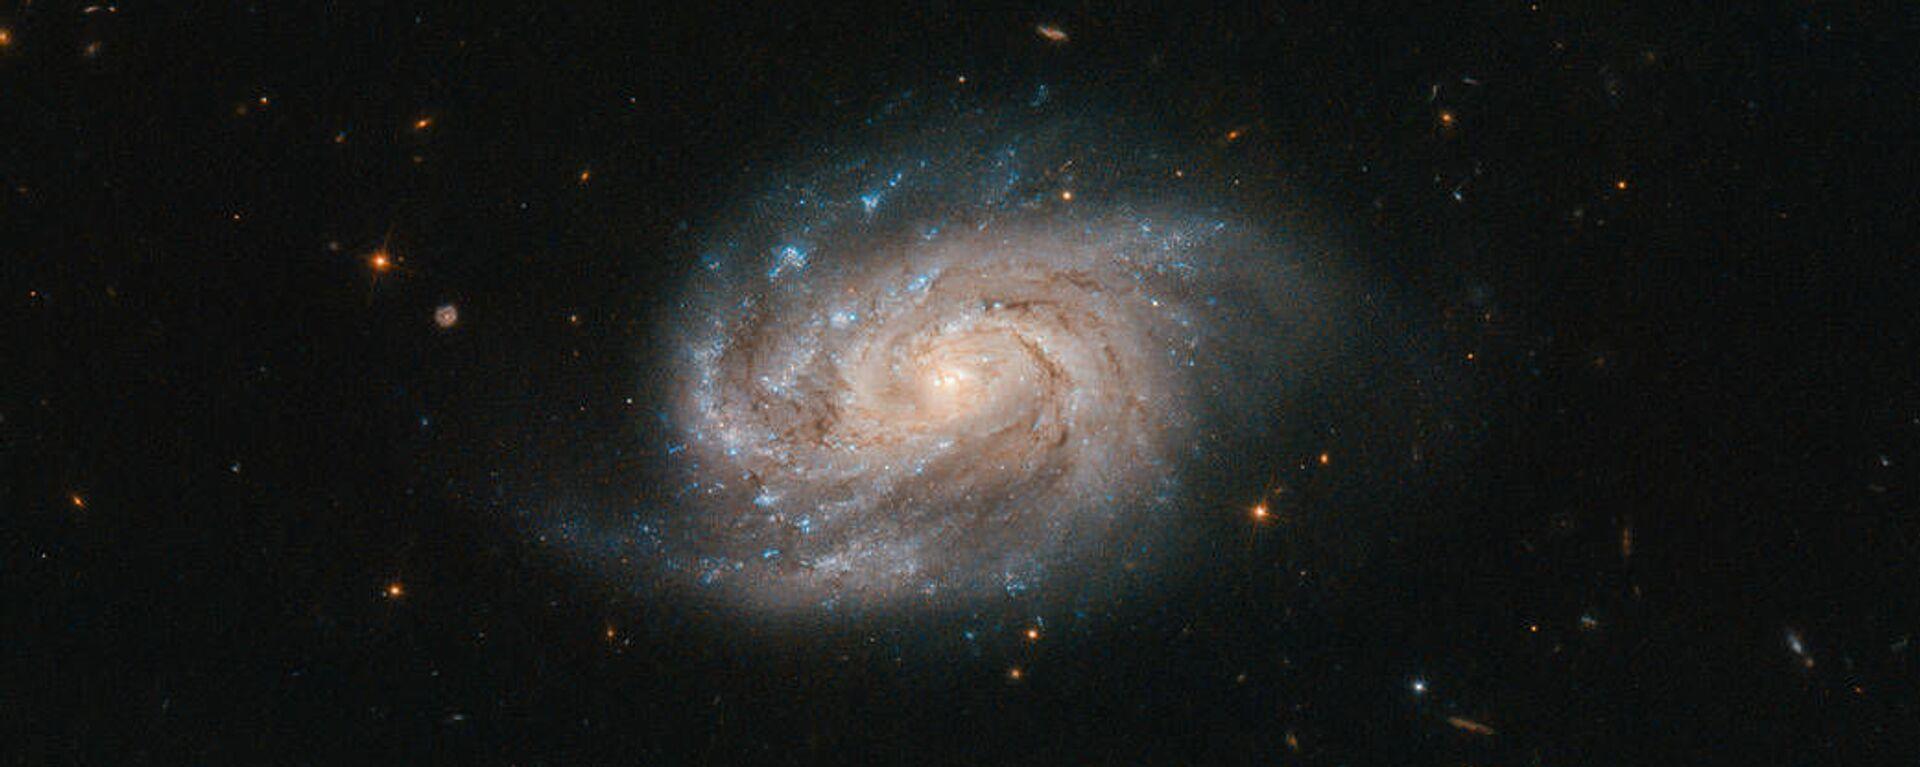 Галактика NGC 1803 в созвездии Живописец - Sputnik Абхазия, 1920, 17.02.2020